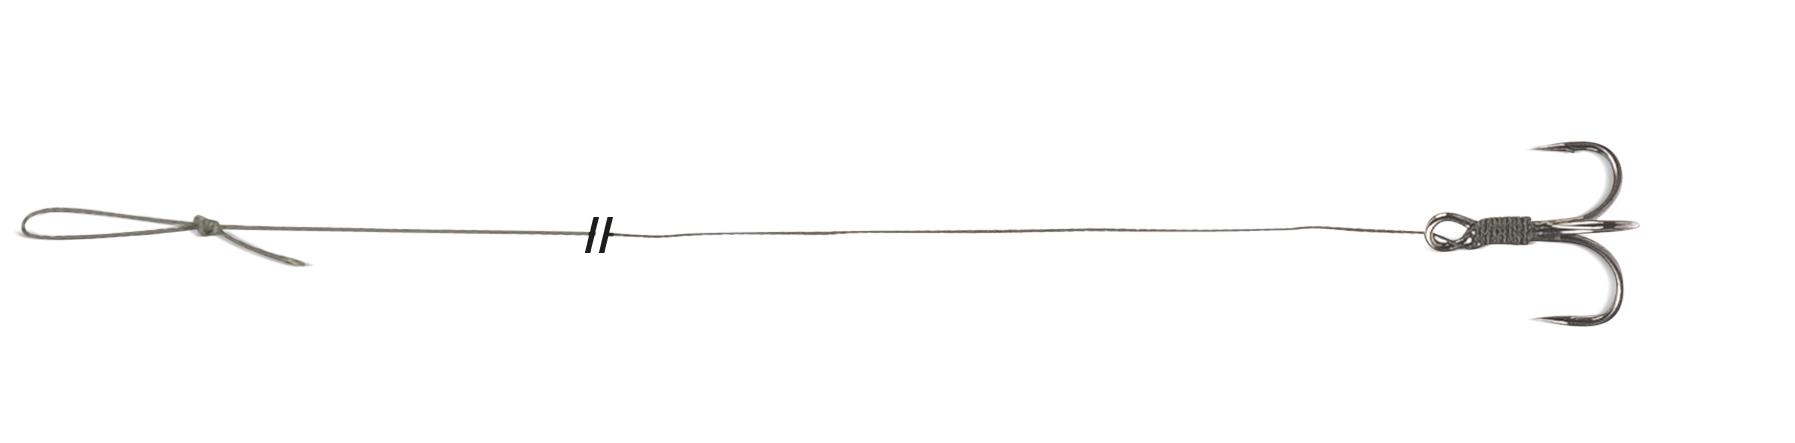 Návazec Uni Cat Treble Hook Rig Velikost 2/0